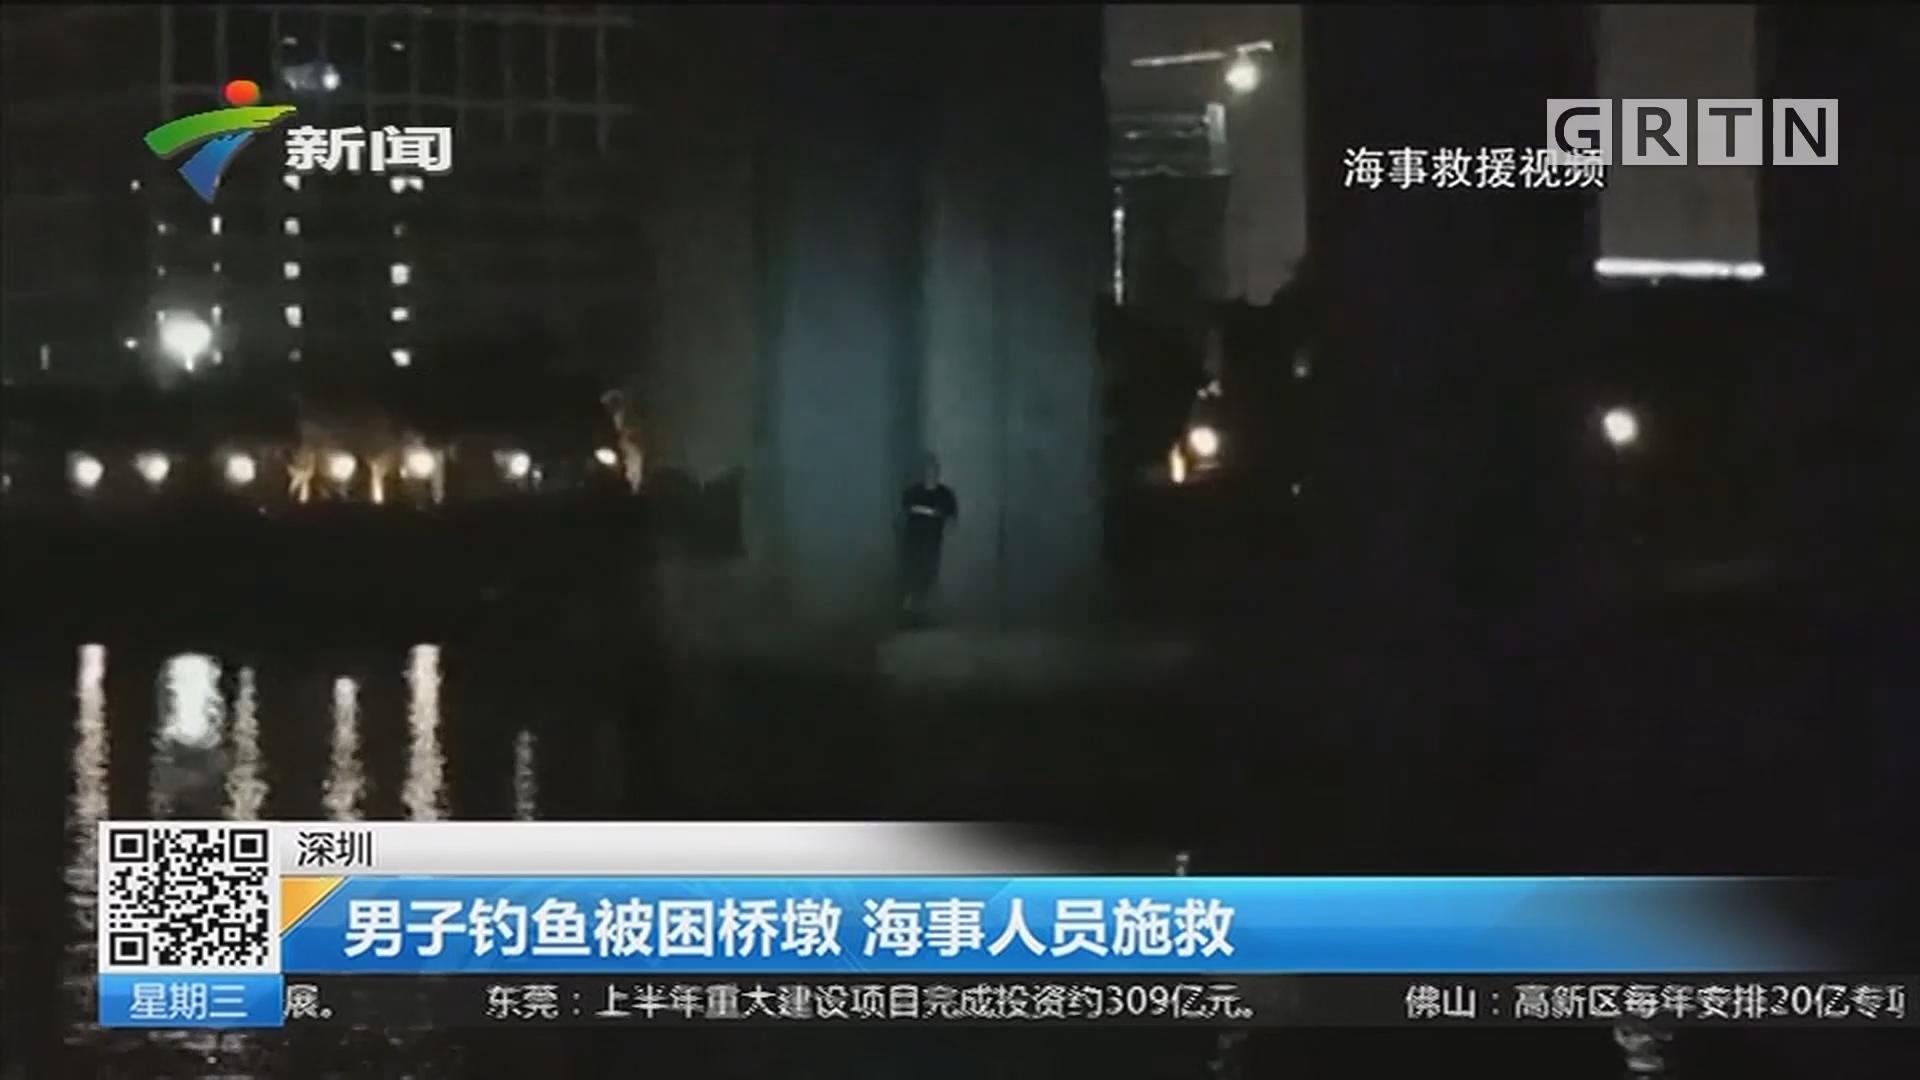 深圳:男子钓鱼被困桥墩 海事人员施救